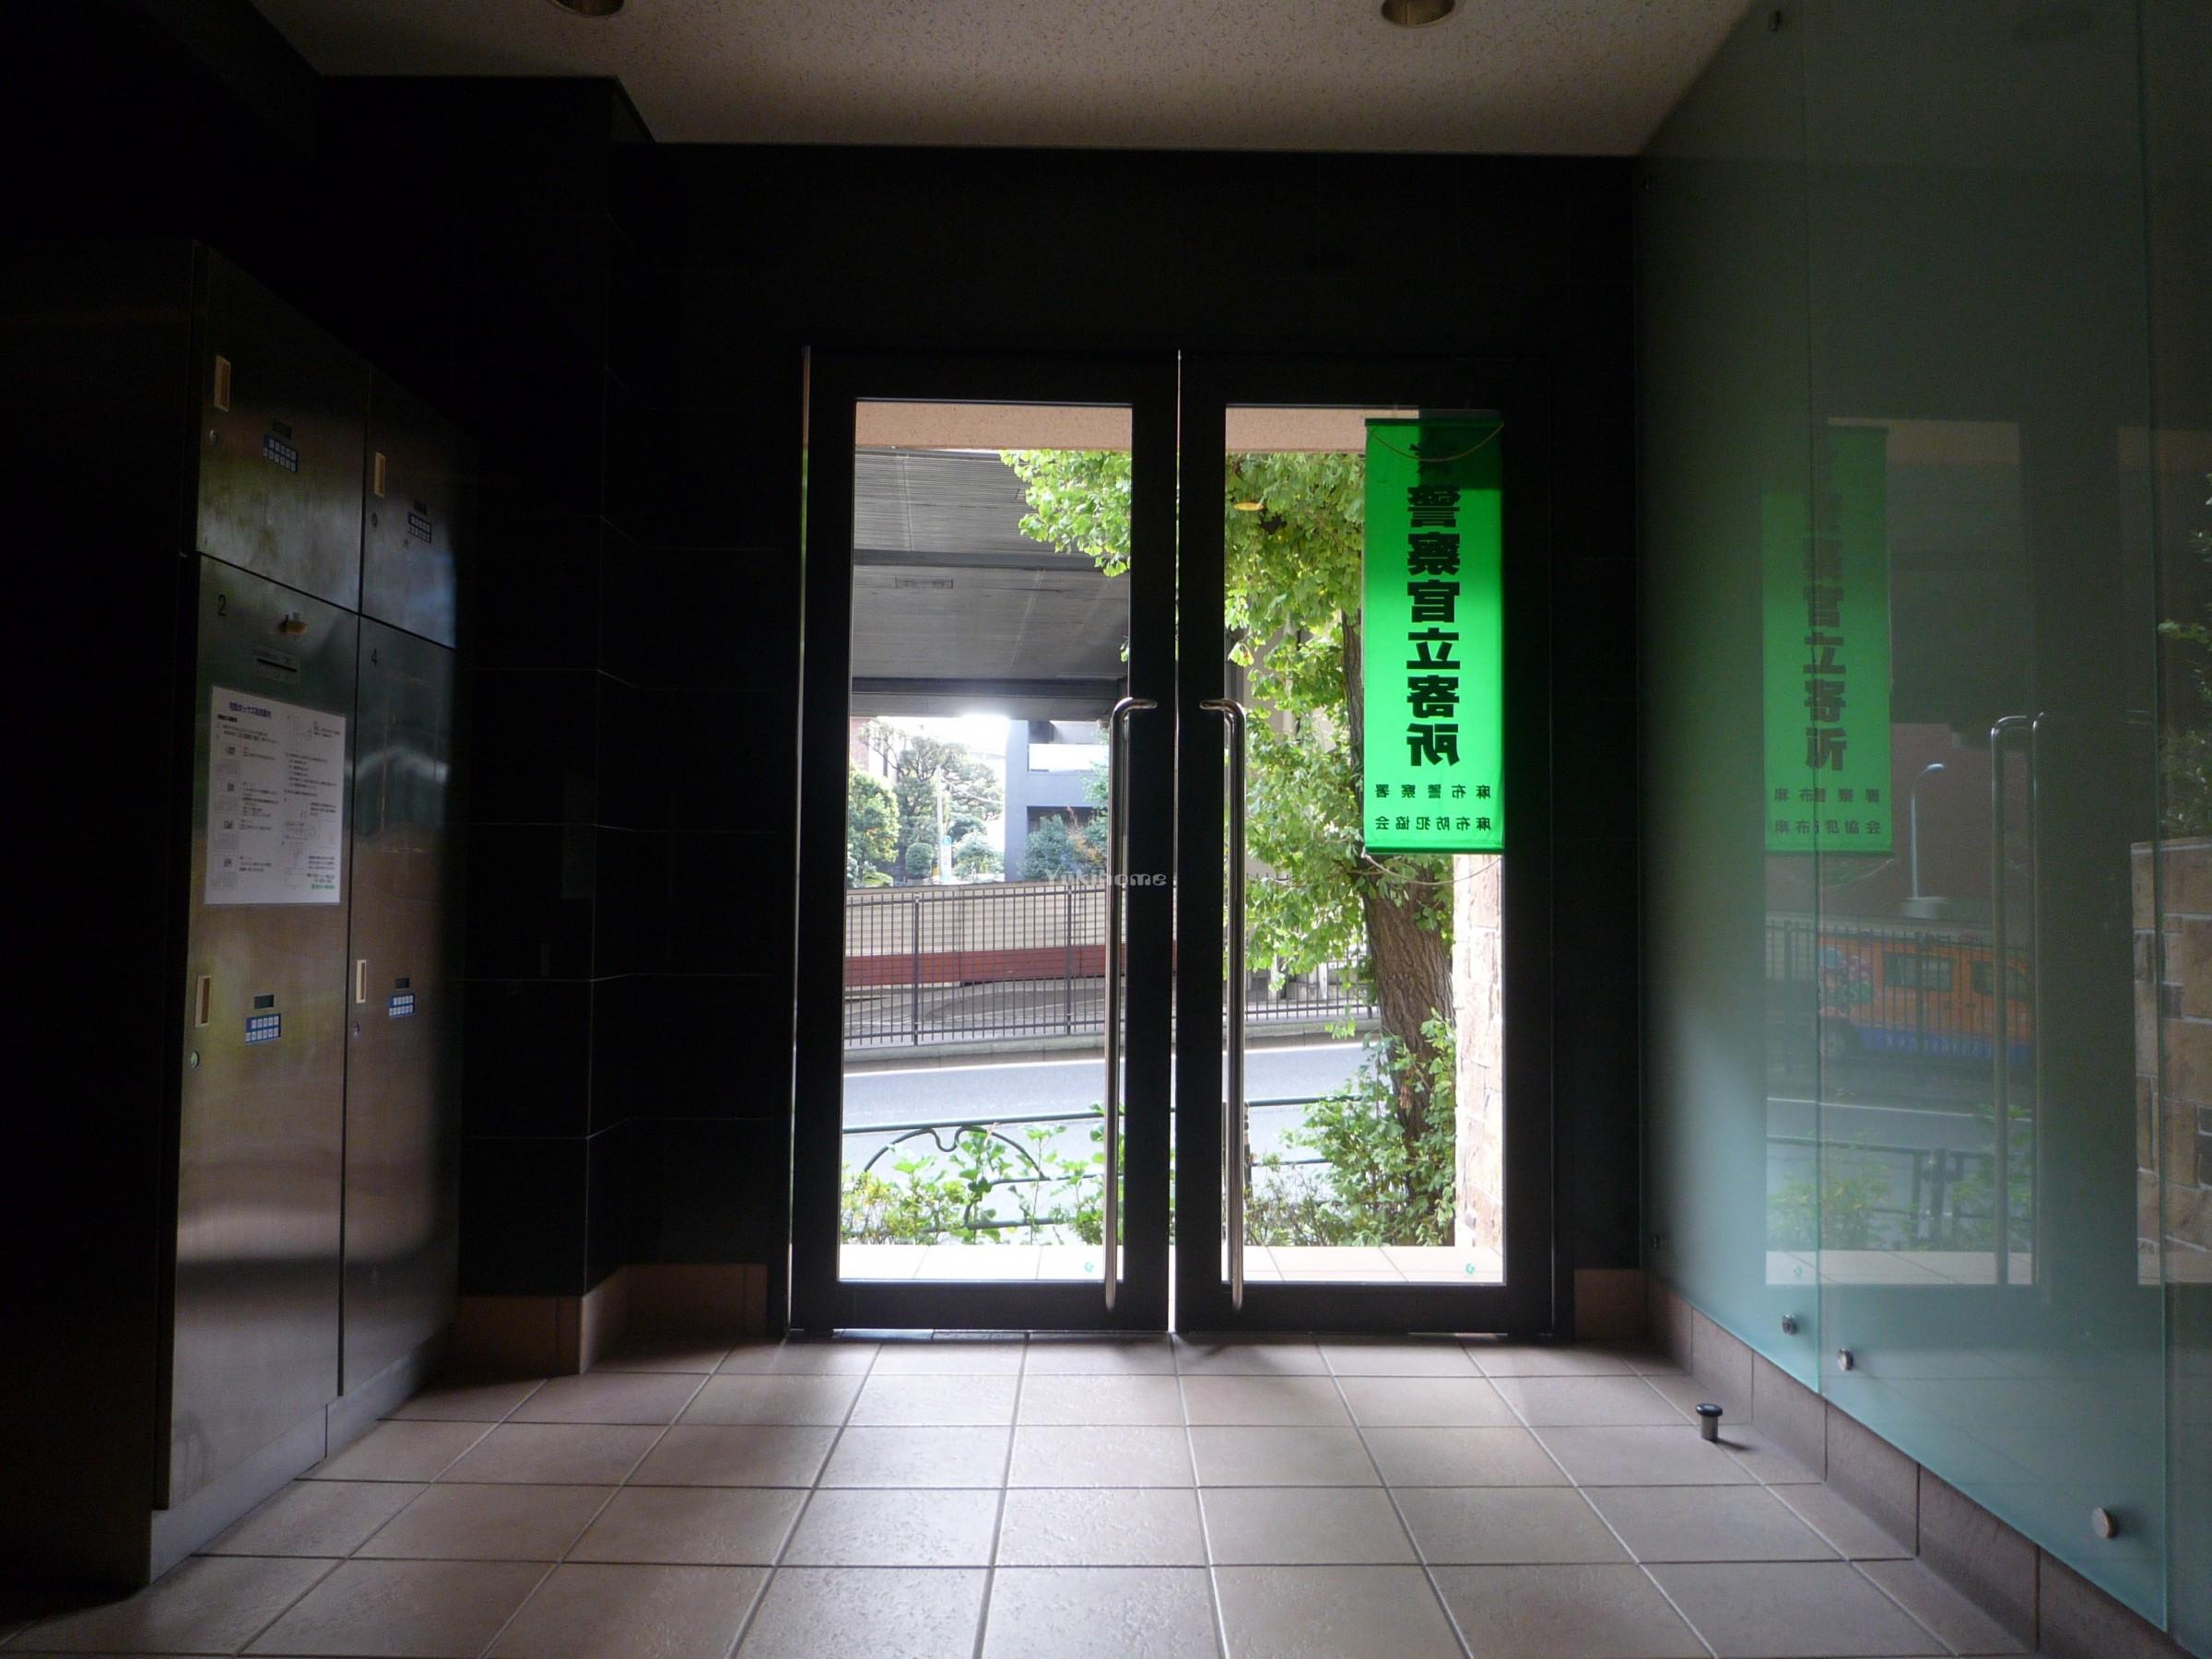 リクレイシア西麻布Ⅰ・Ⅱの建物写真その他8